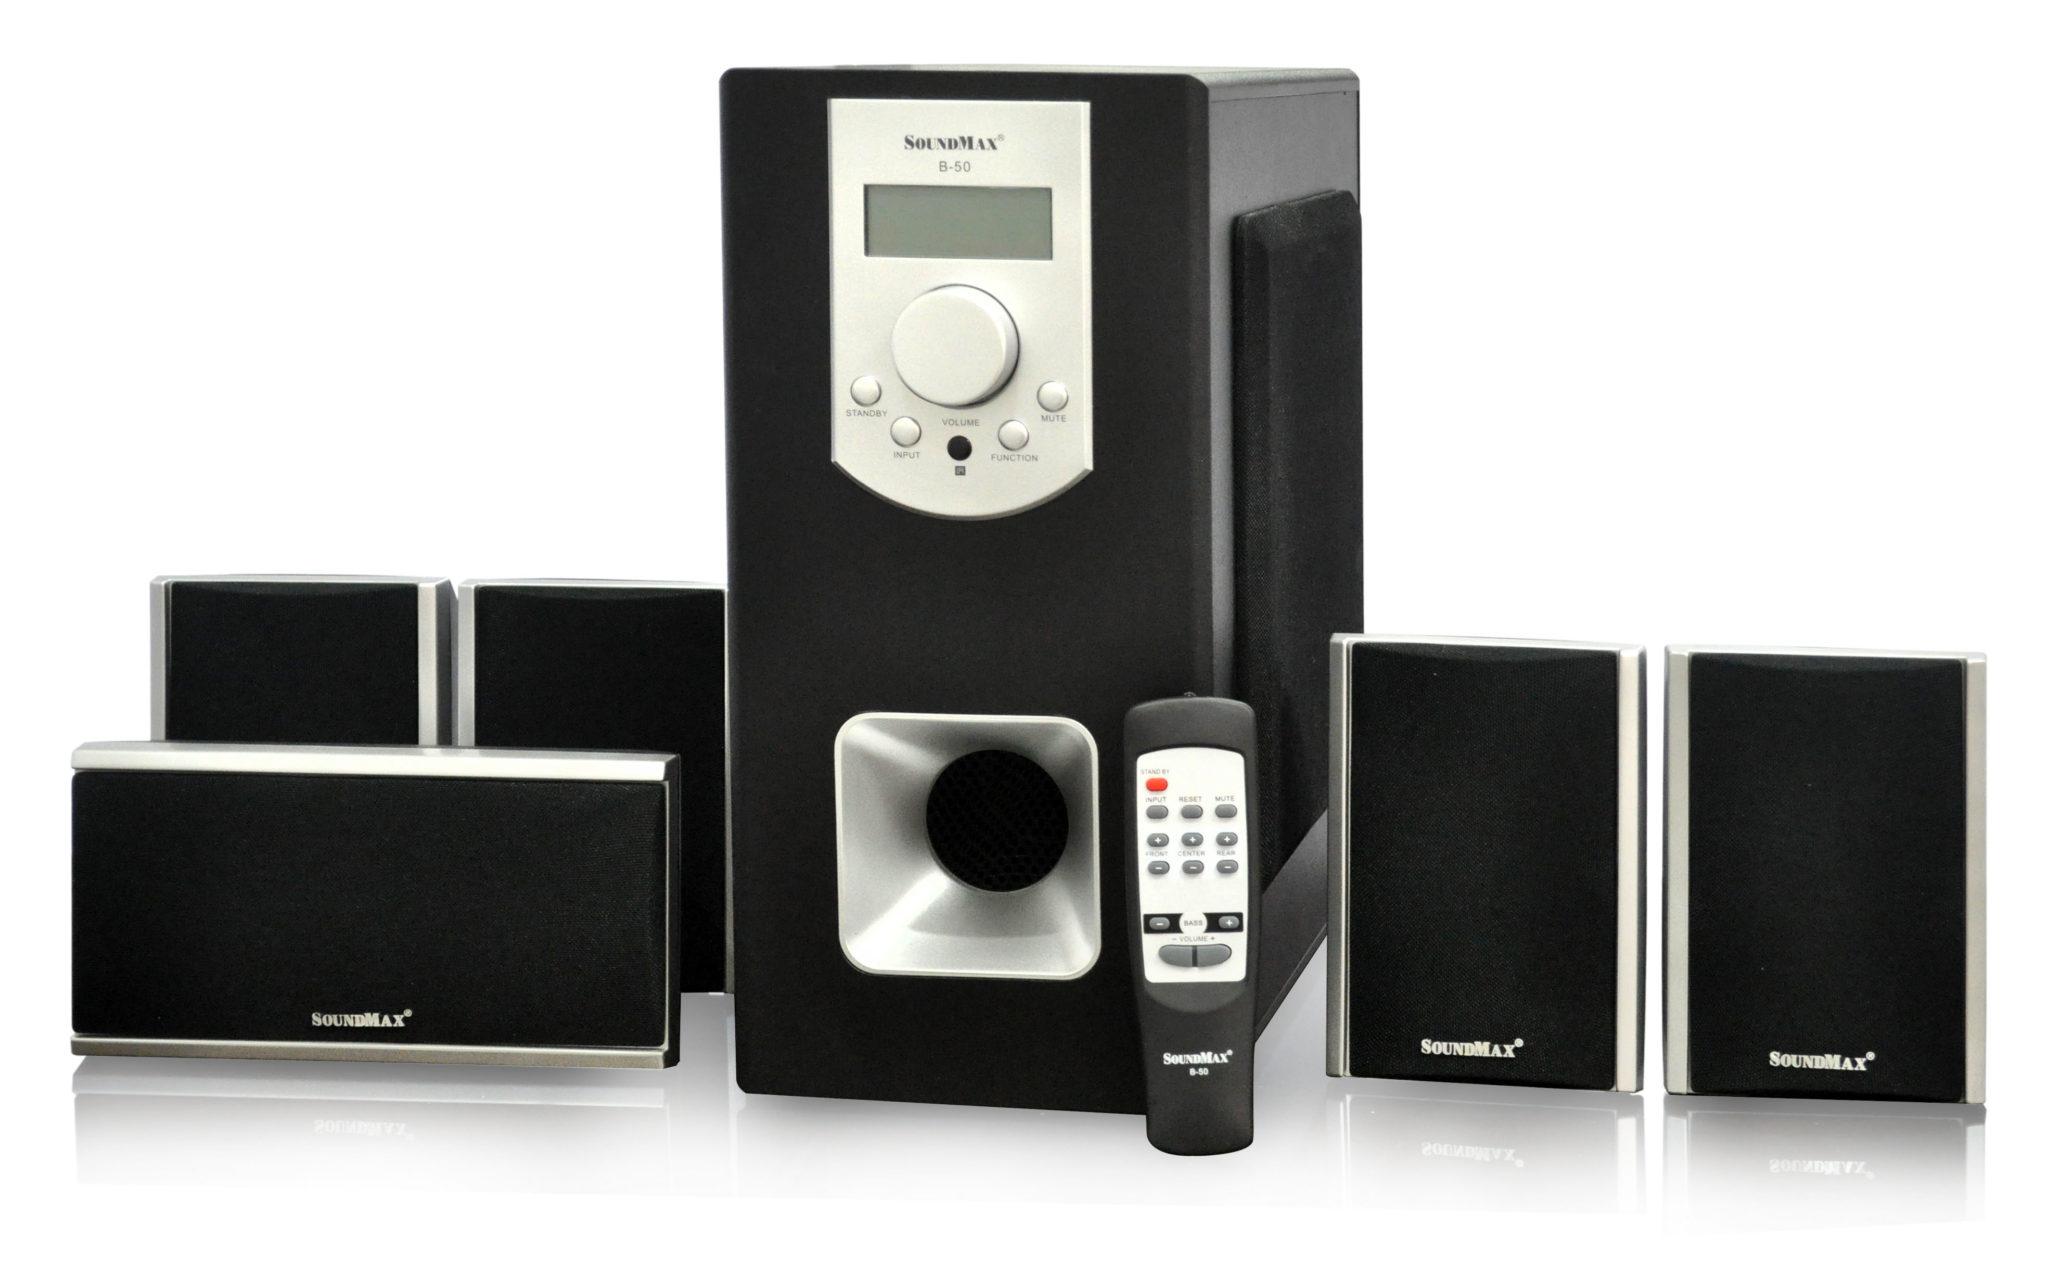 Loa 5.1 là gì? Hệ thống âm thanh loa 5.1 hay nhất trong gia đình 2